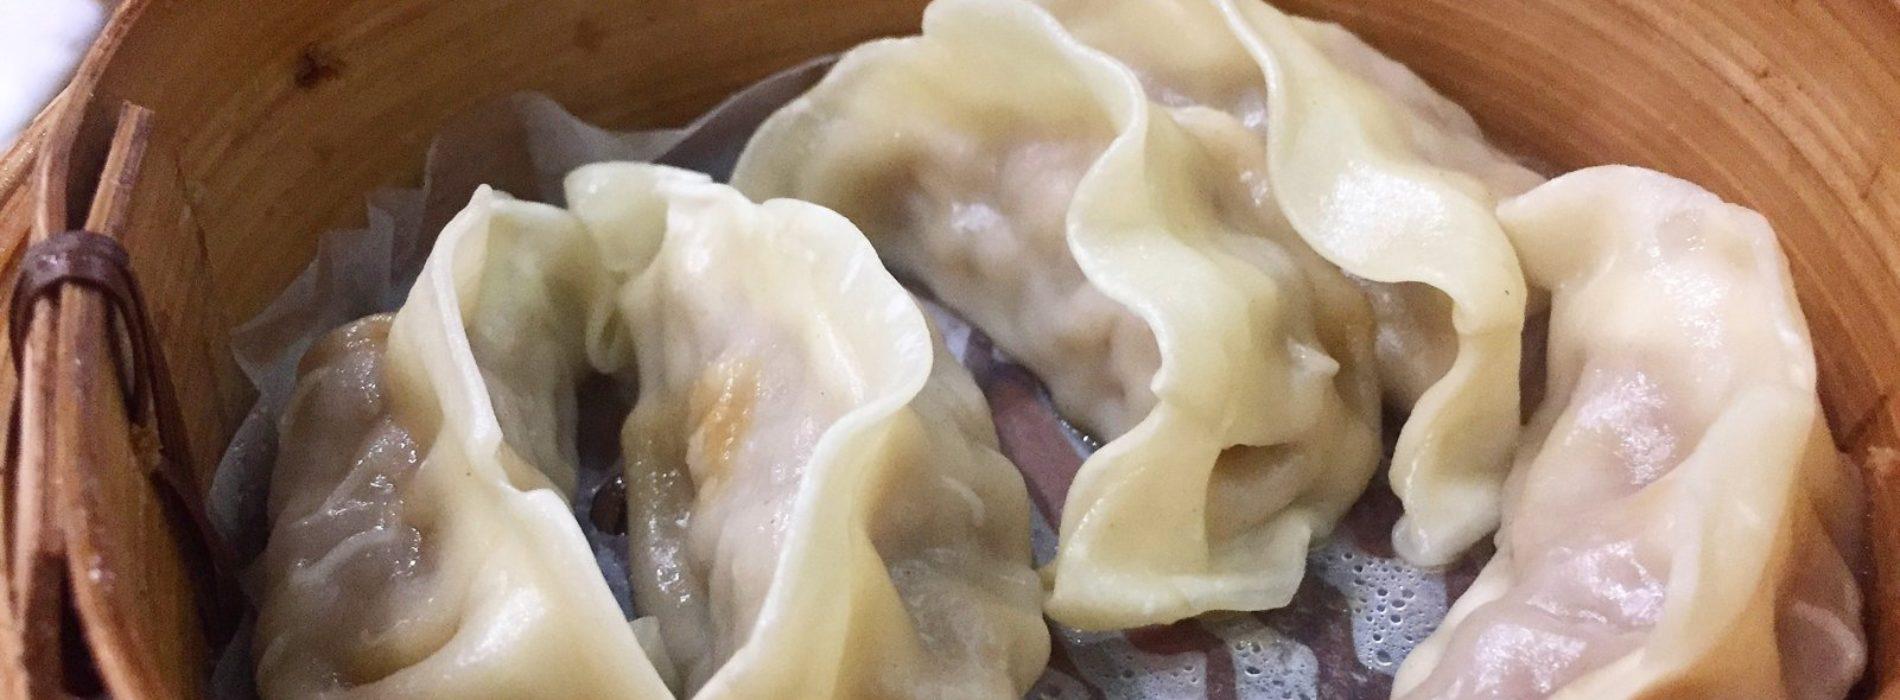 Dumpling Bar Roma, la ravioleria cinese a Marconi con udon, zuppe, baozi e anatra